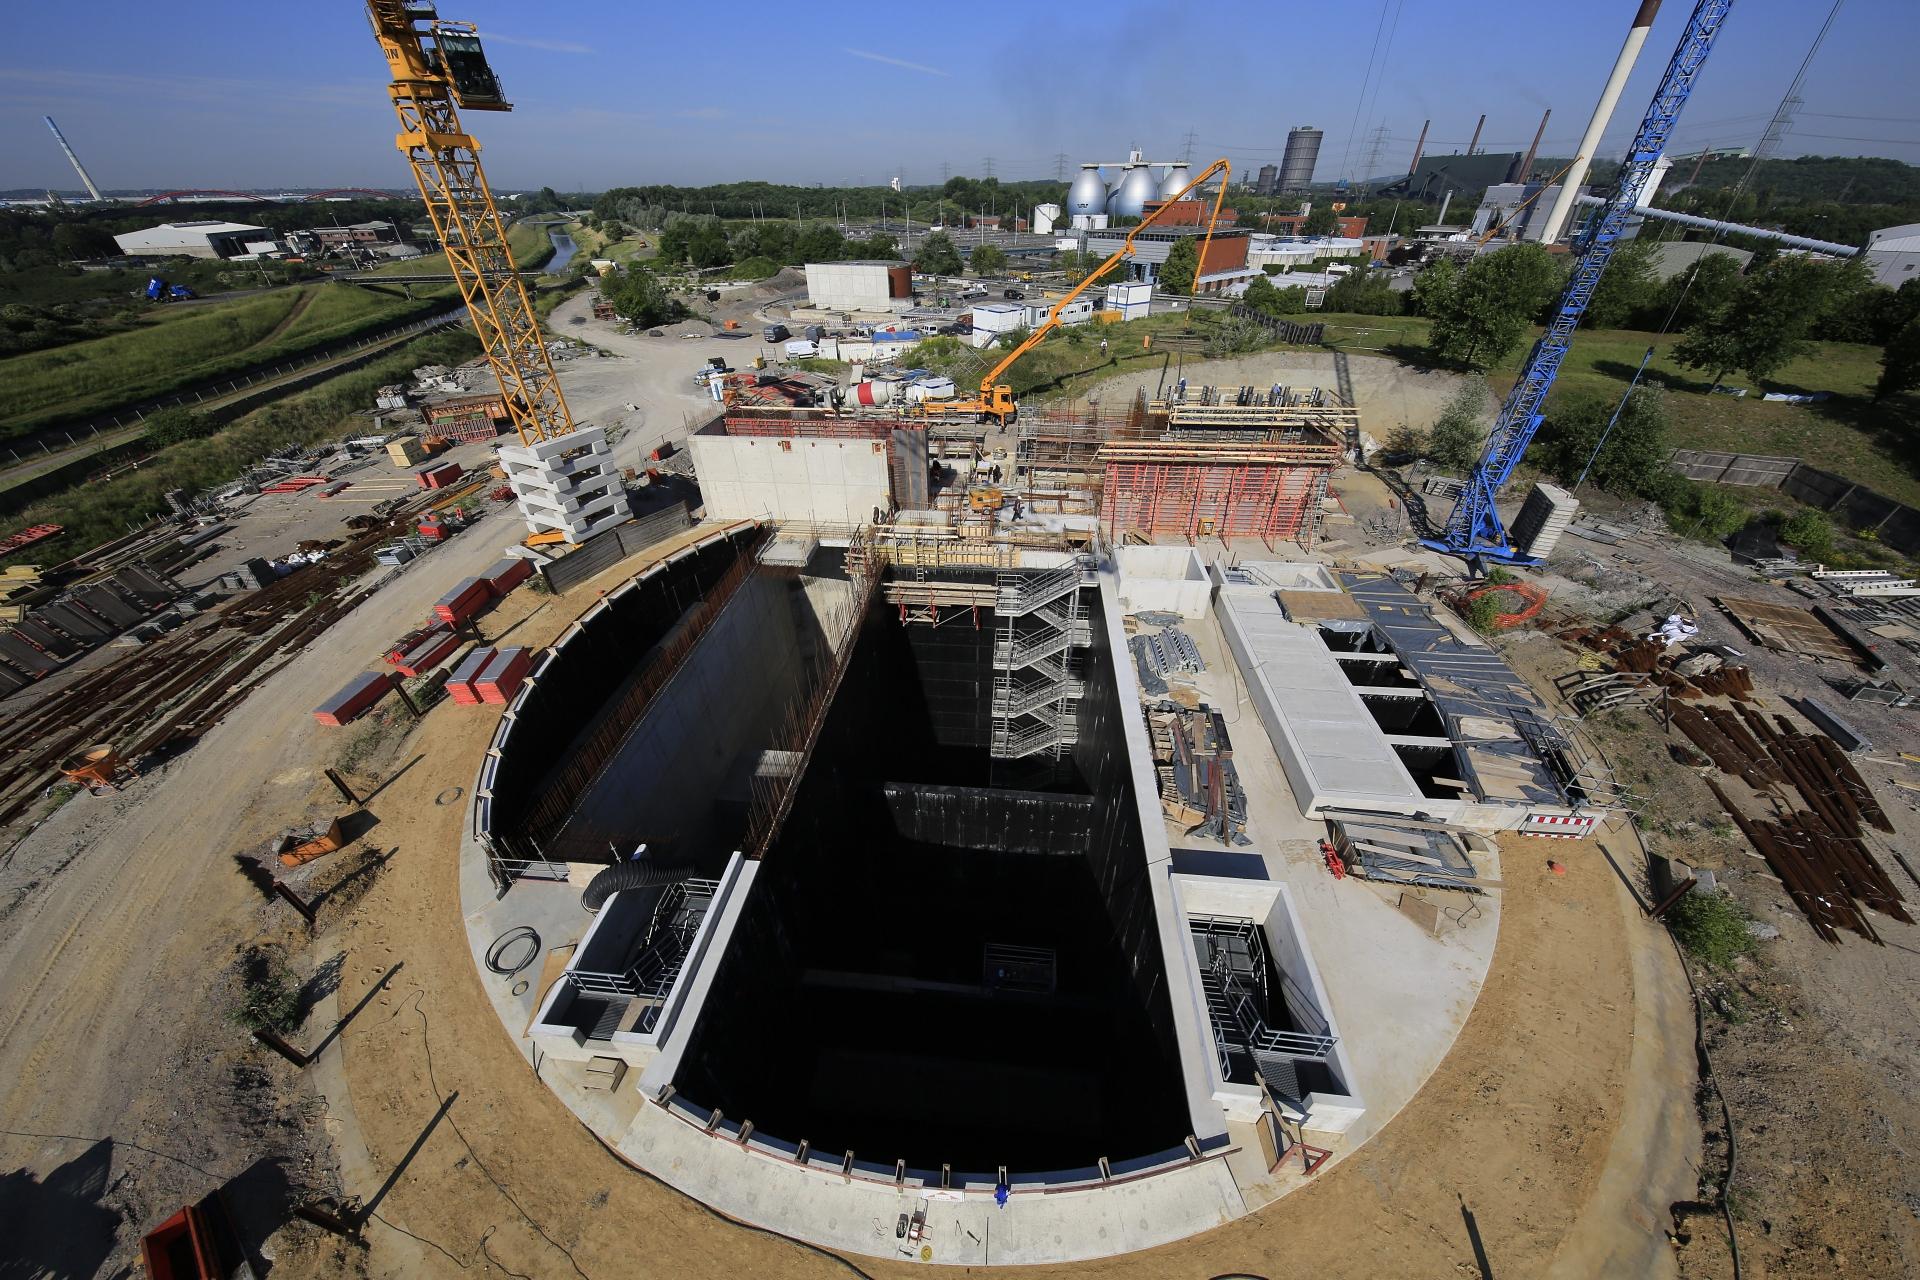 Das perfekte Bild, um die gigantische Baugrube fürs neue Pumpwerk Bottrop zu erklären: